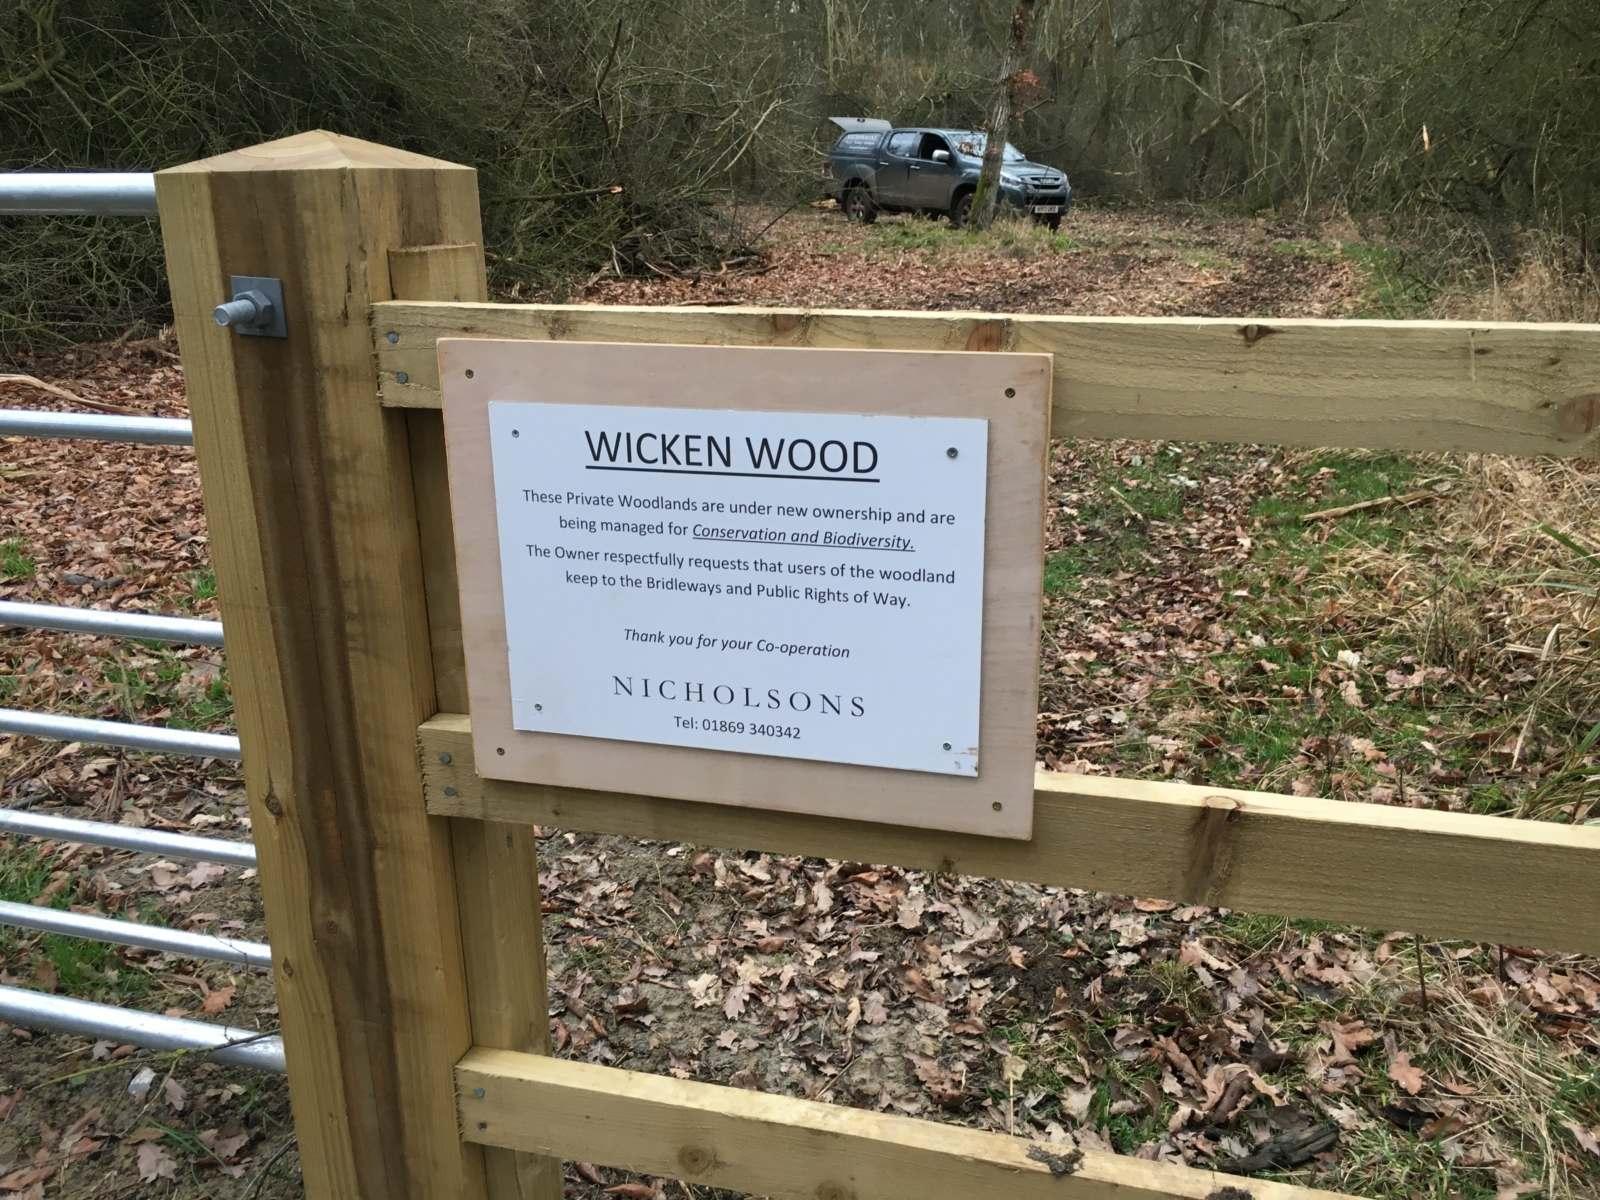 Friends of Wicken Wood